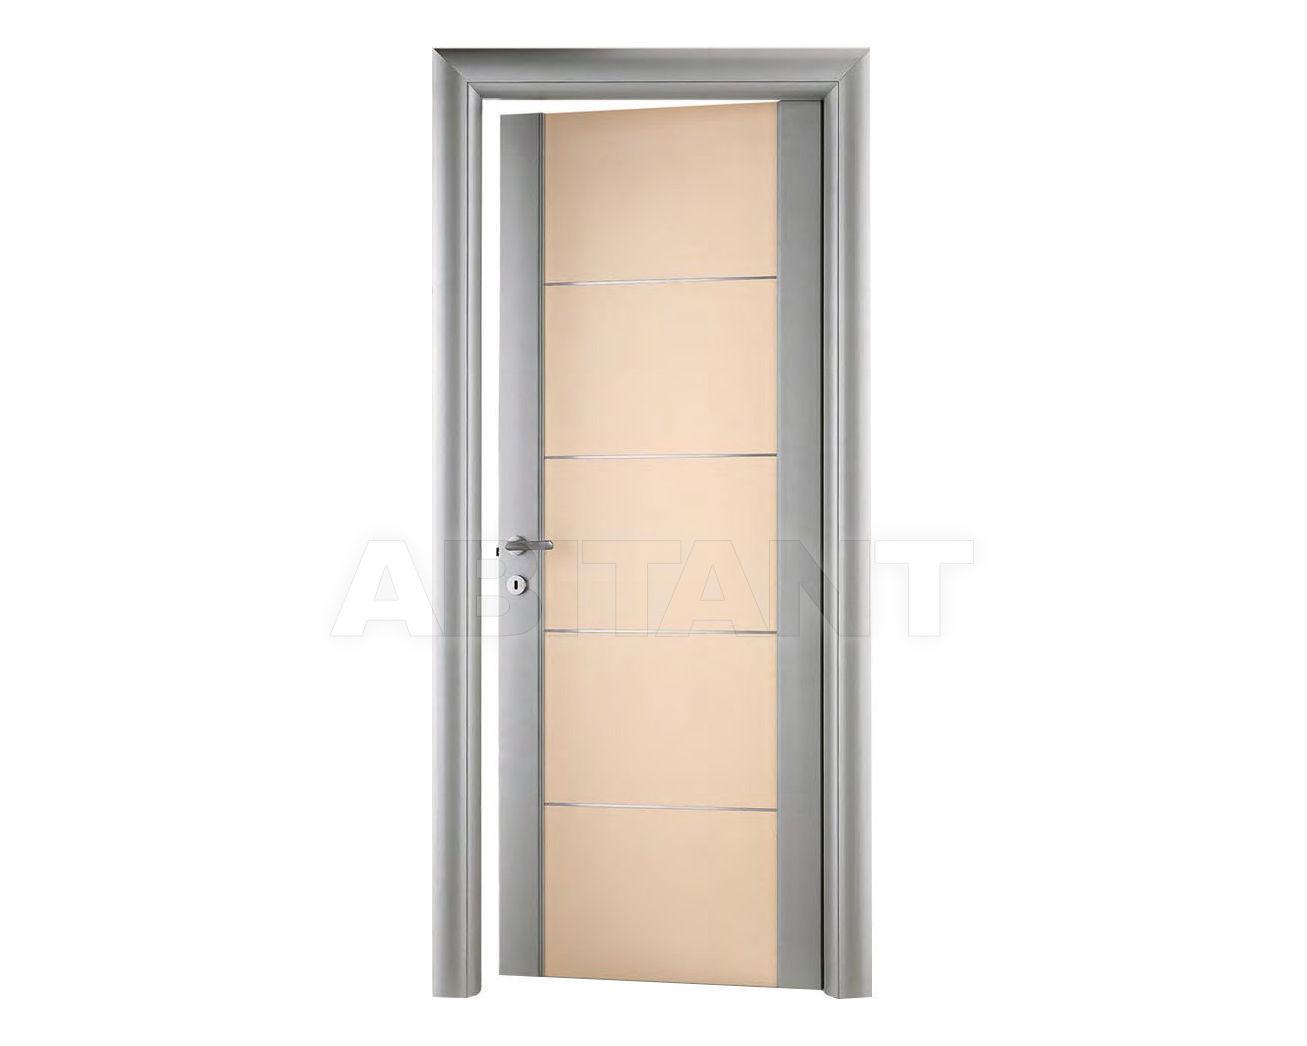 Купить Дверь стеклянная Fioravazzi Lisce S20 DANIA - 6 SCALA